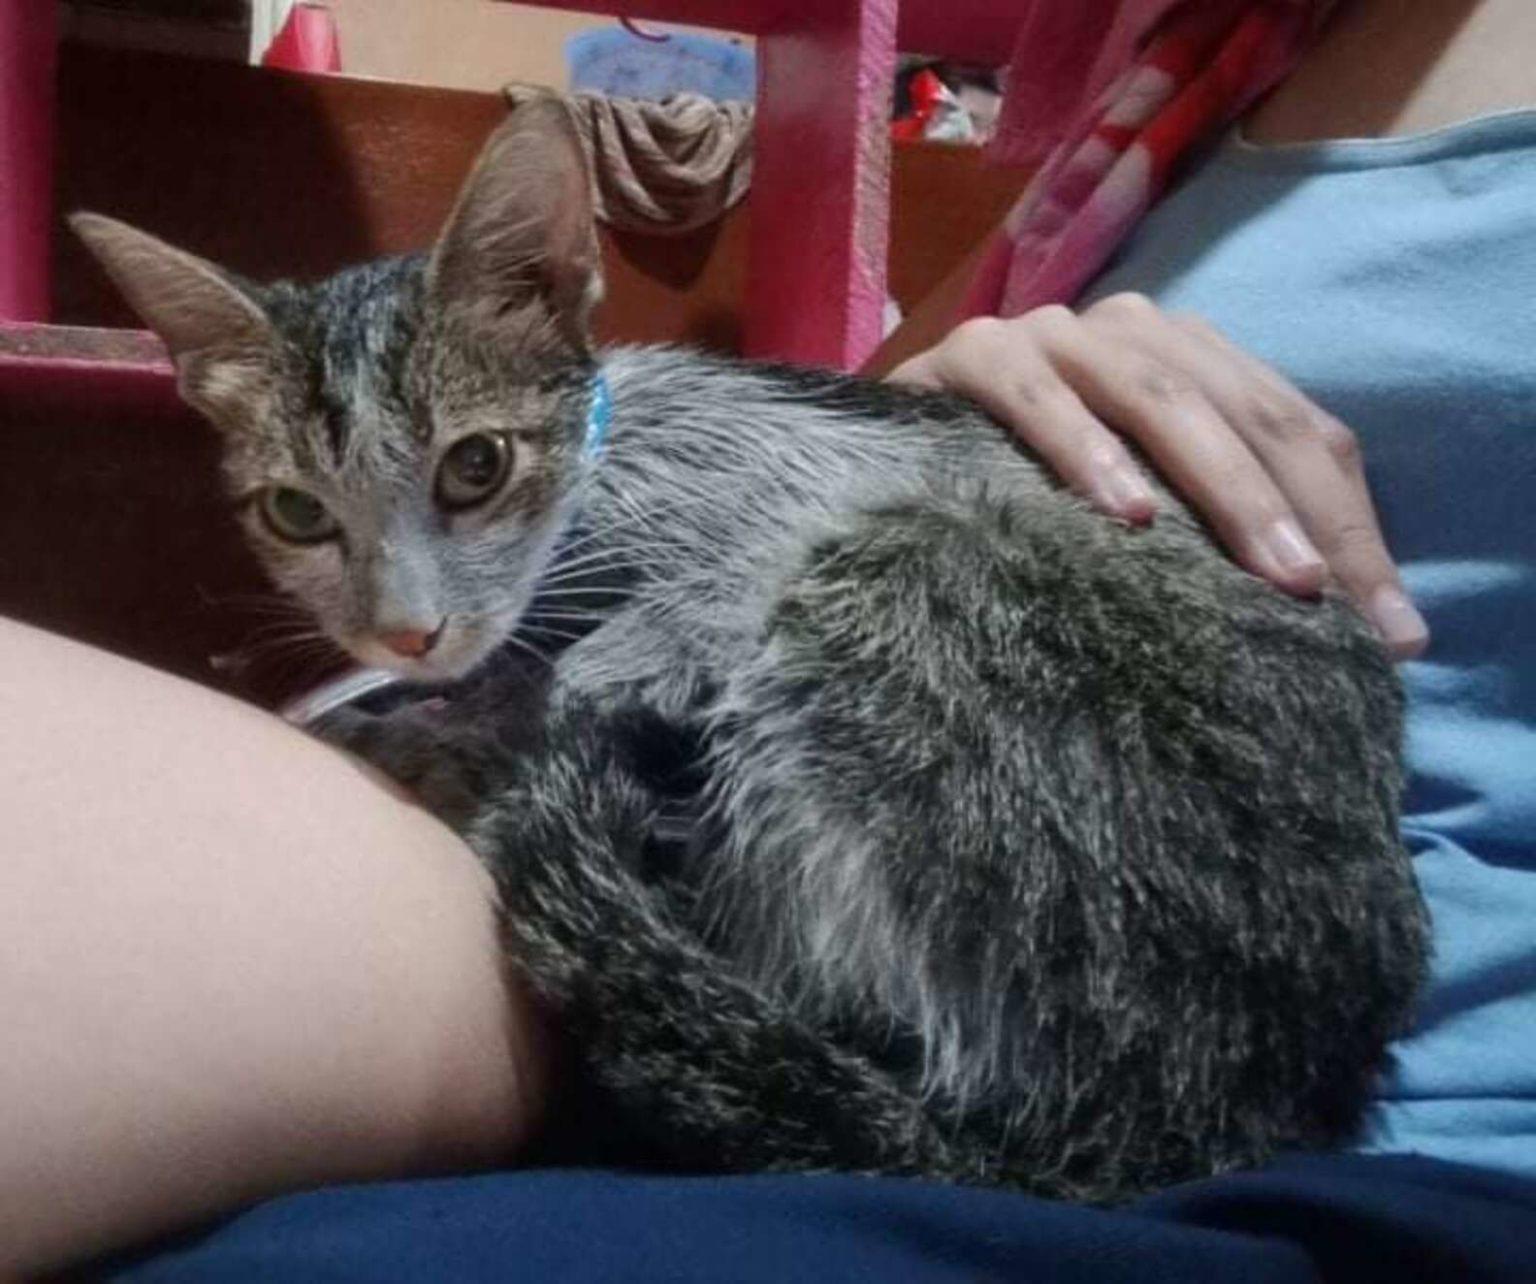 Возле мусорных баков девушка нашла бездомную грязную кошку. Ее накормили и отмыли, теперь эту красотку не узнать